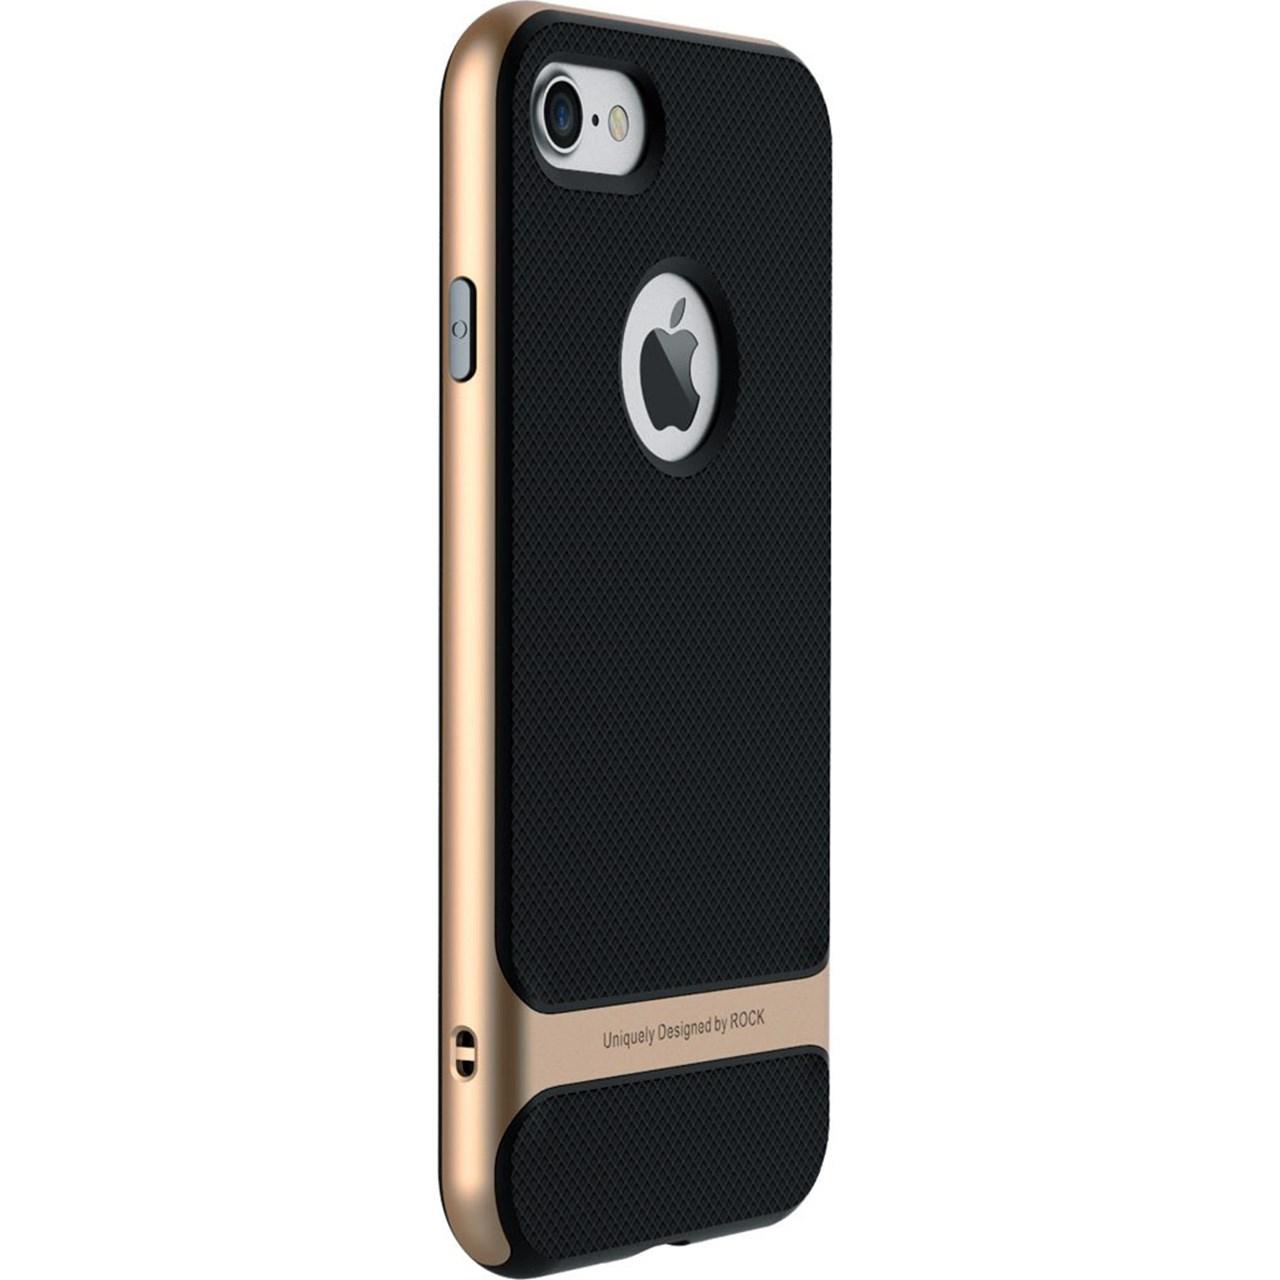 کاور مدل Royce مناسب برای گوشی موبایل آیفون 7              ( قیمت و خرید)